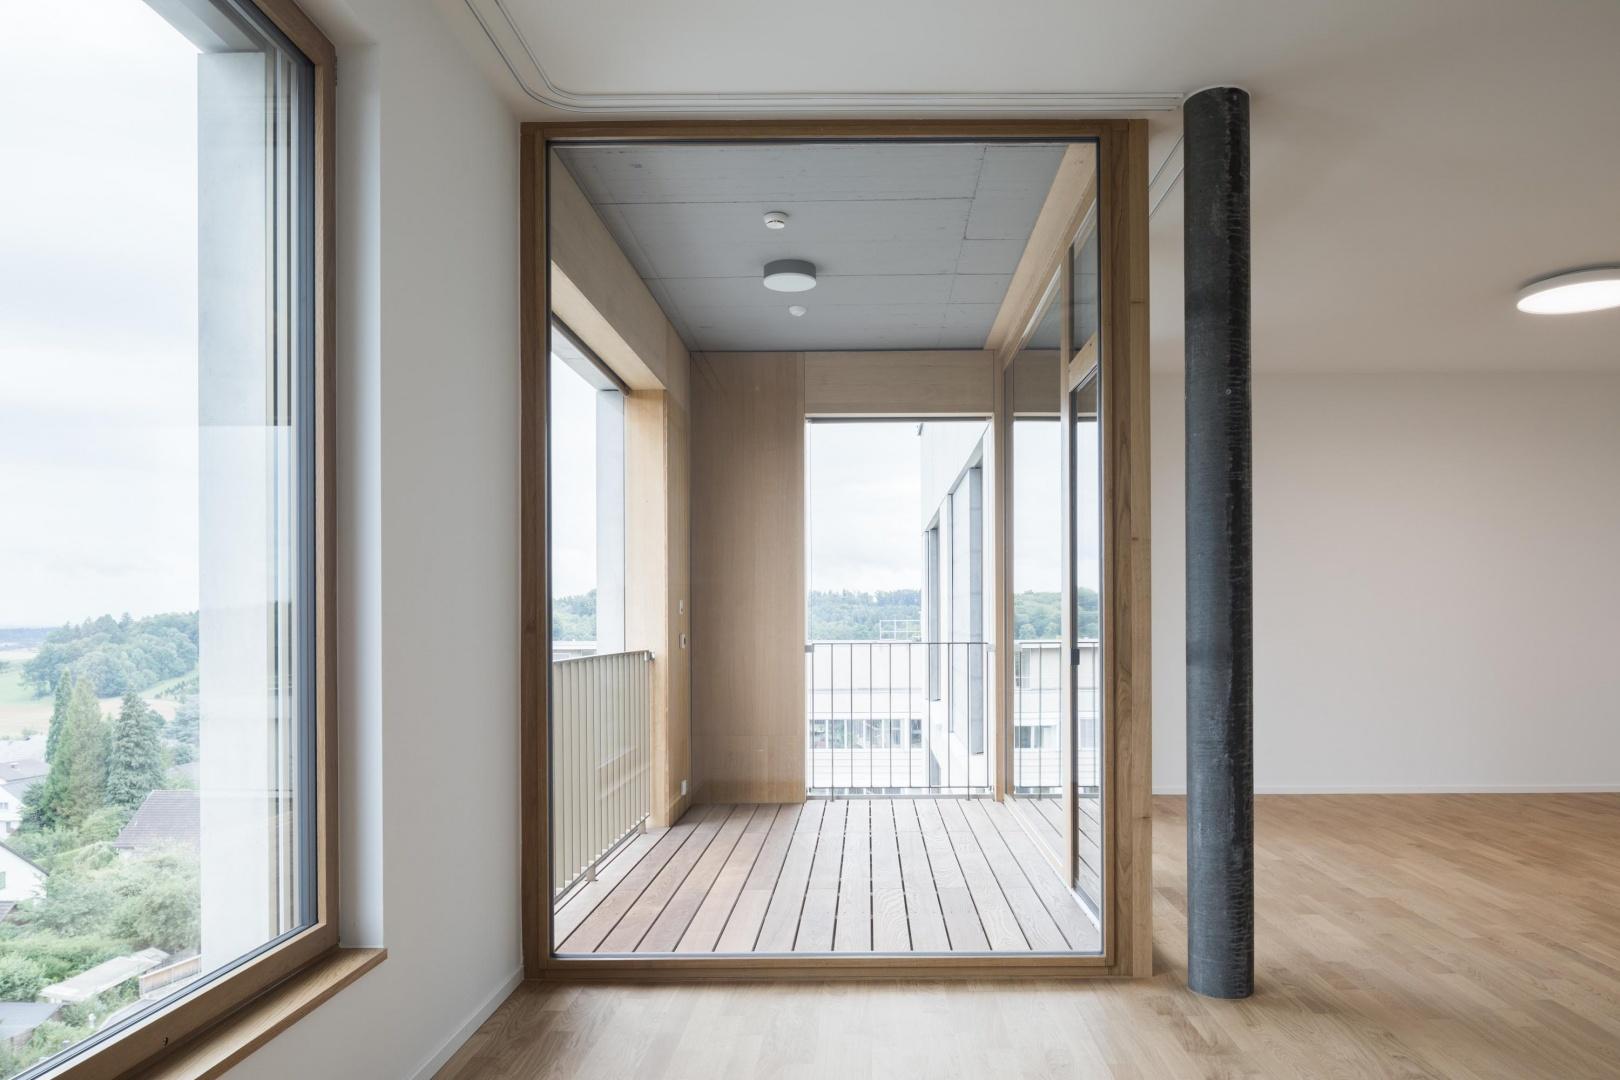 Balkon Alterswohnung © Architektur: Bob Gysin Partner BGP, Zürich; Fotografie: Dominique Marc Wehrli, Winterthur